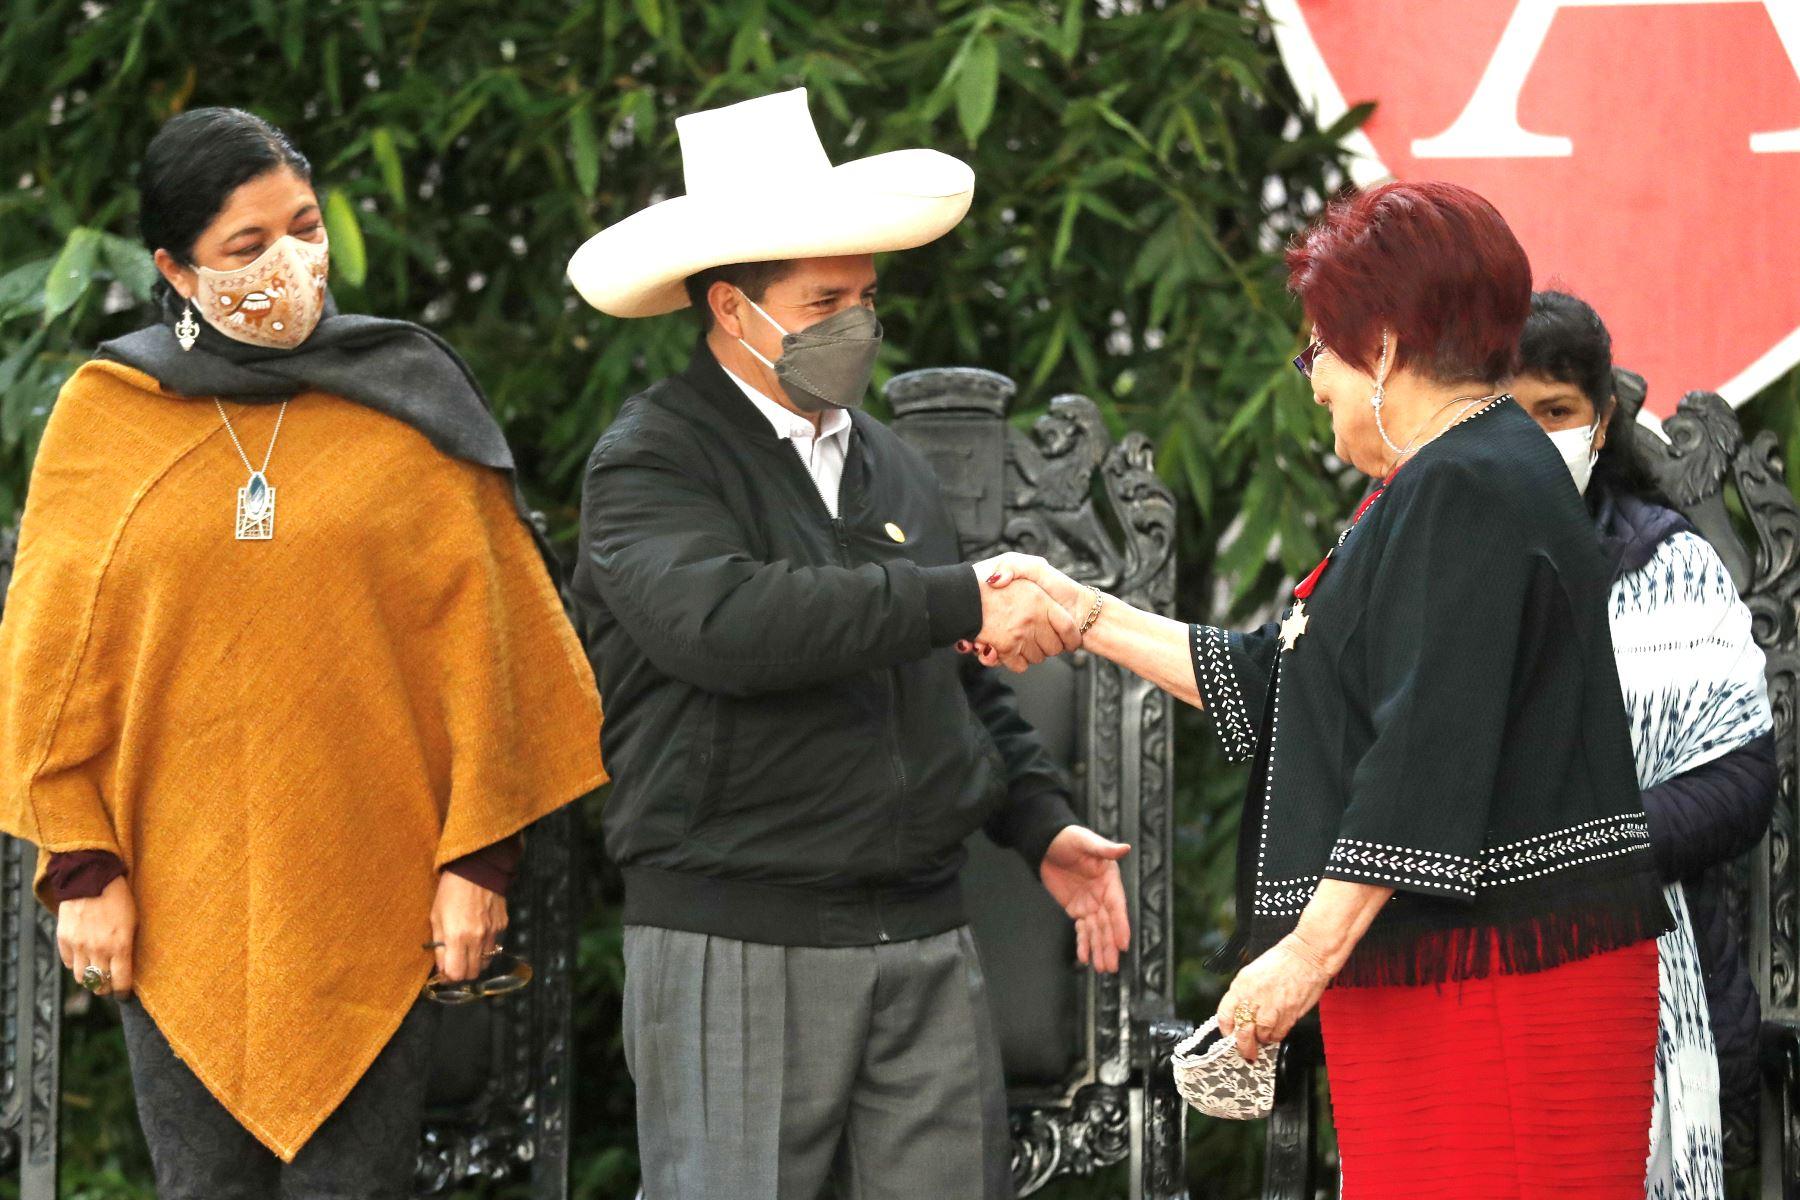 Durante la actividad se realizó la entrega de una donación de libros para la biblioteca de esta escuela, dirigida por la profesora peruana Sol Corrales, quien llegó a México con su familia en 1975 y posteriormente fundó este centro educativo. Foto: ANDINA/Prensa Presidencia